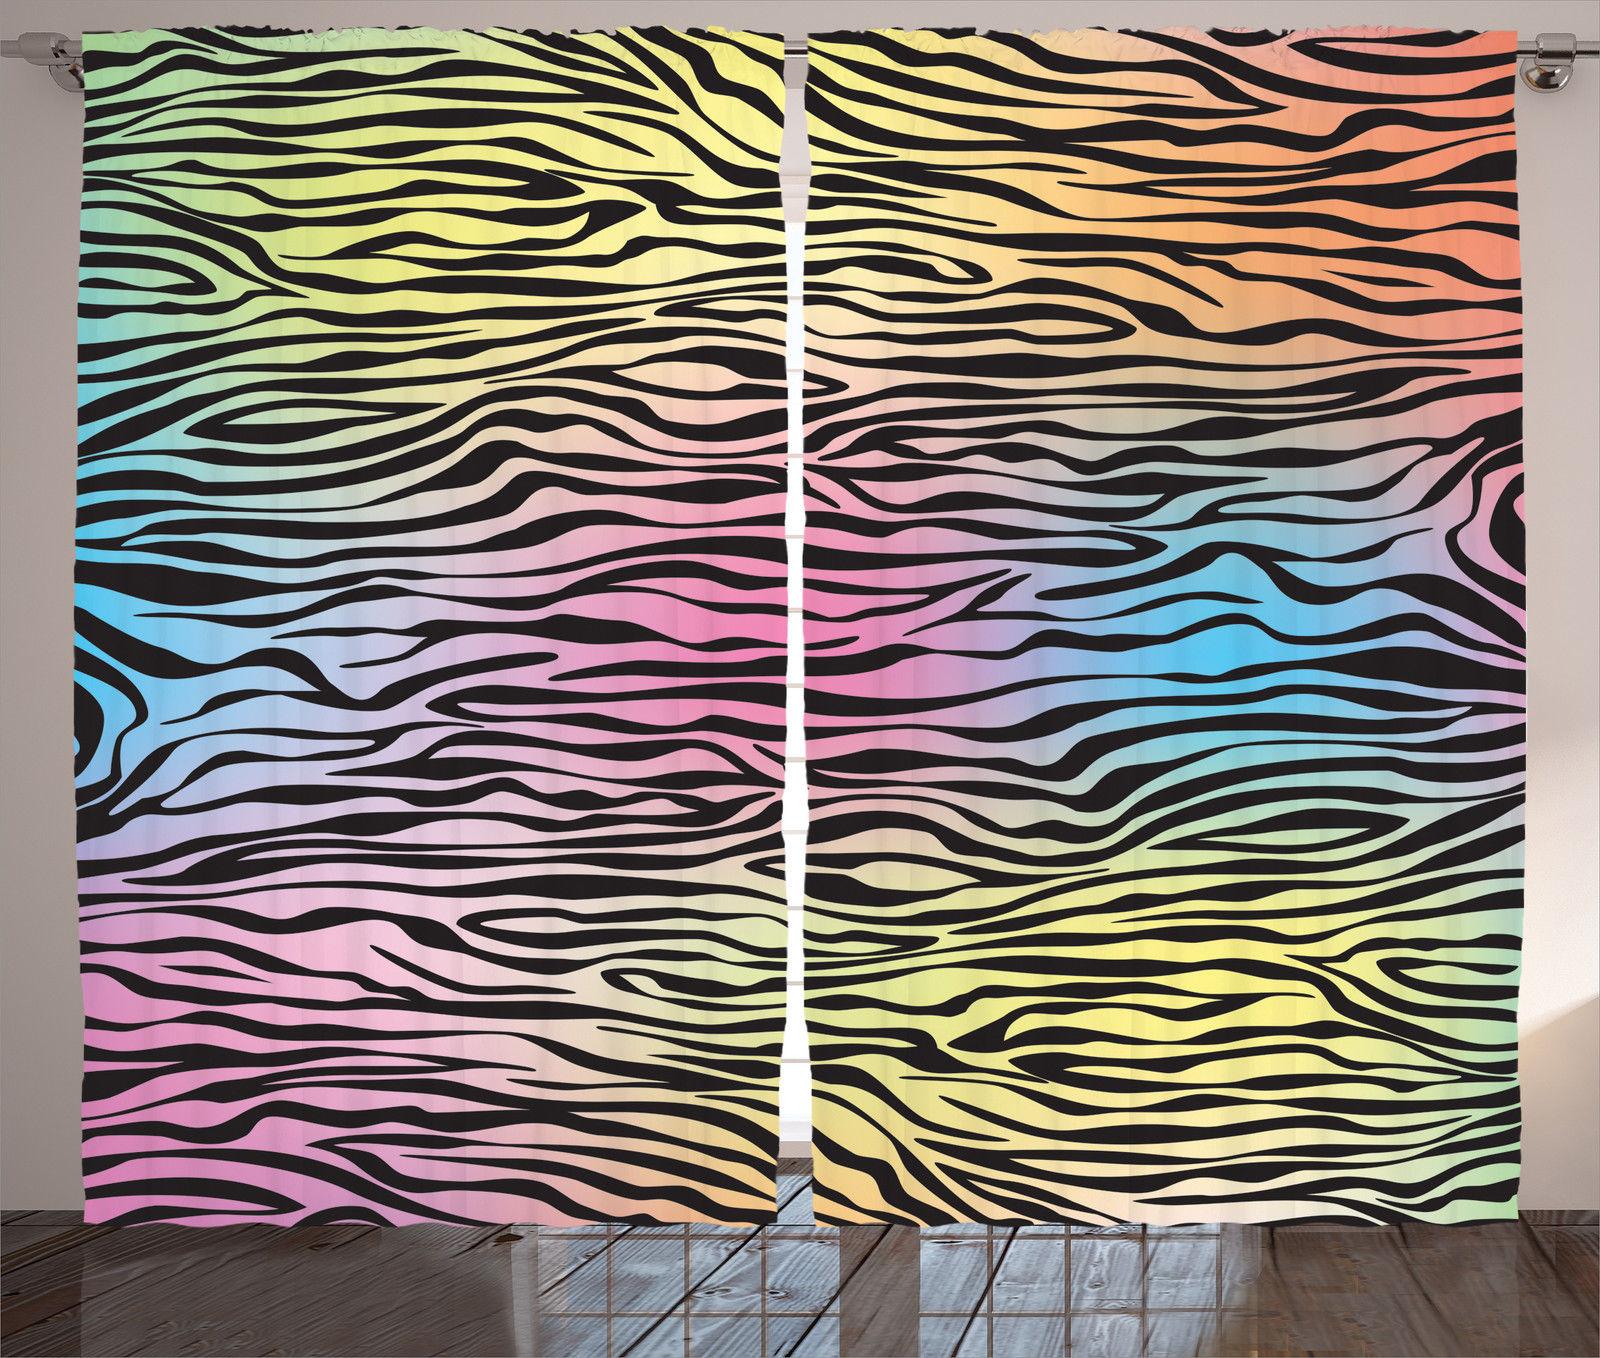 Zebra window curtains - Zebra Window Curtains Colorful Animal Print Pattern 2